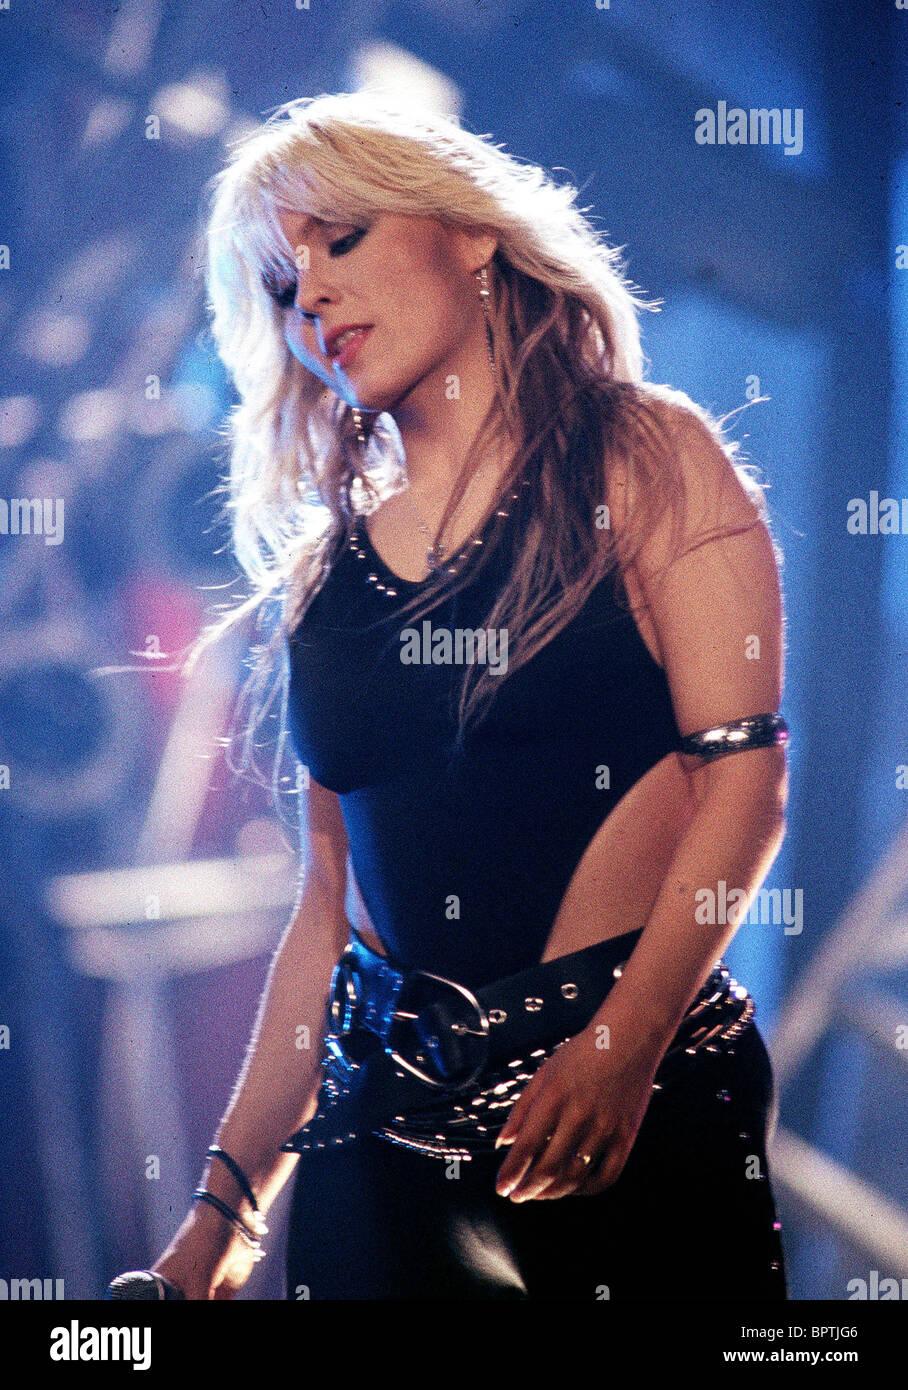 Lita Ford Singer Alamy Com